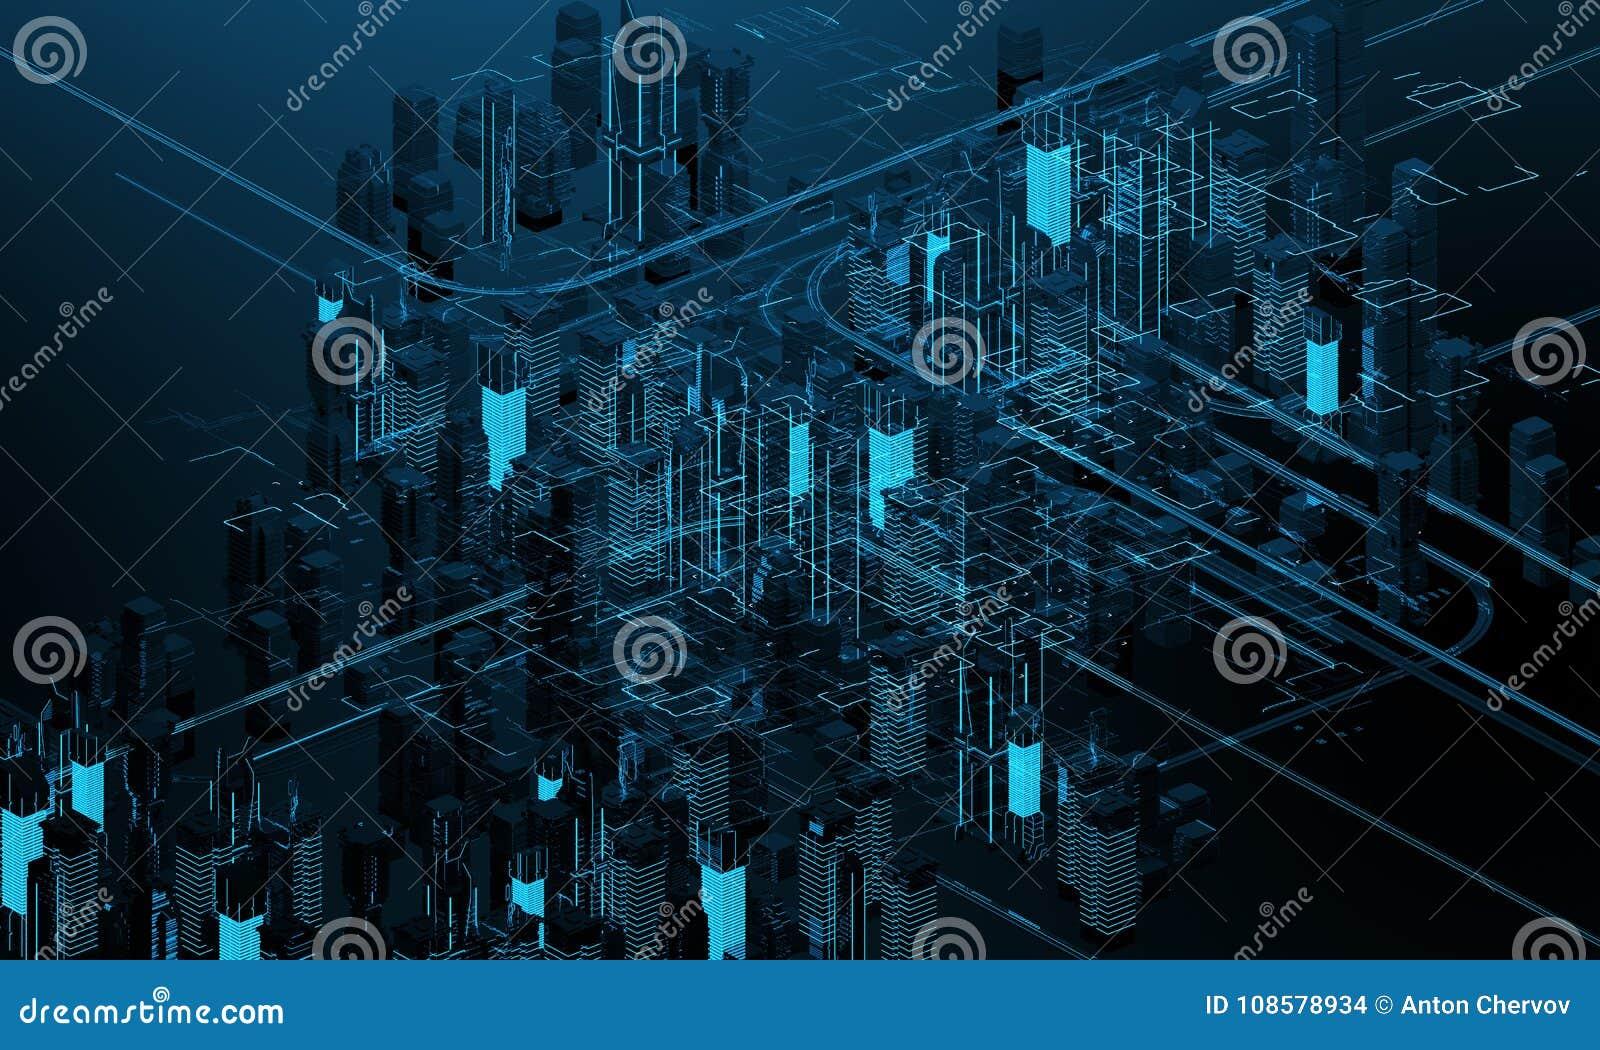 Futuristische Wolkenkratzer im Fluss Der Fluss von digitalen Daten Stadt der Zukunft Abbildung 3D Wiedergabe 3d